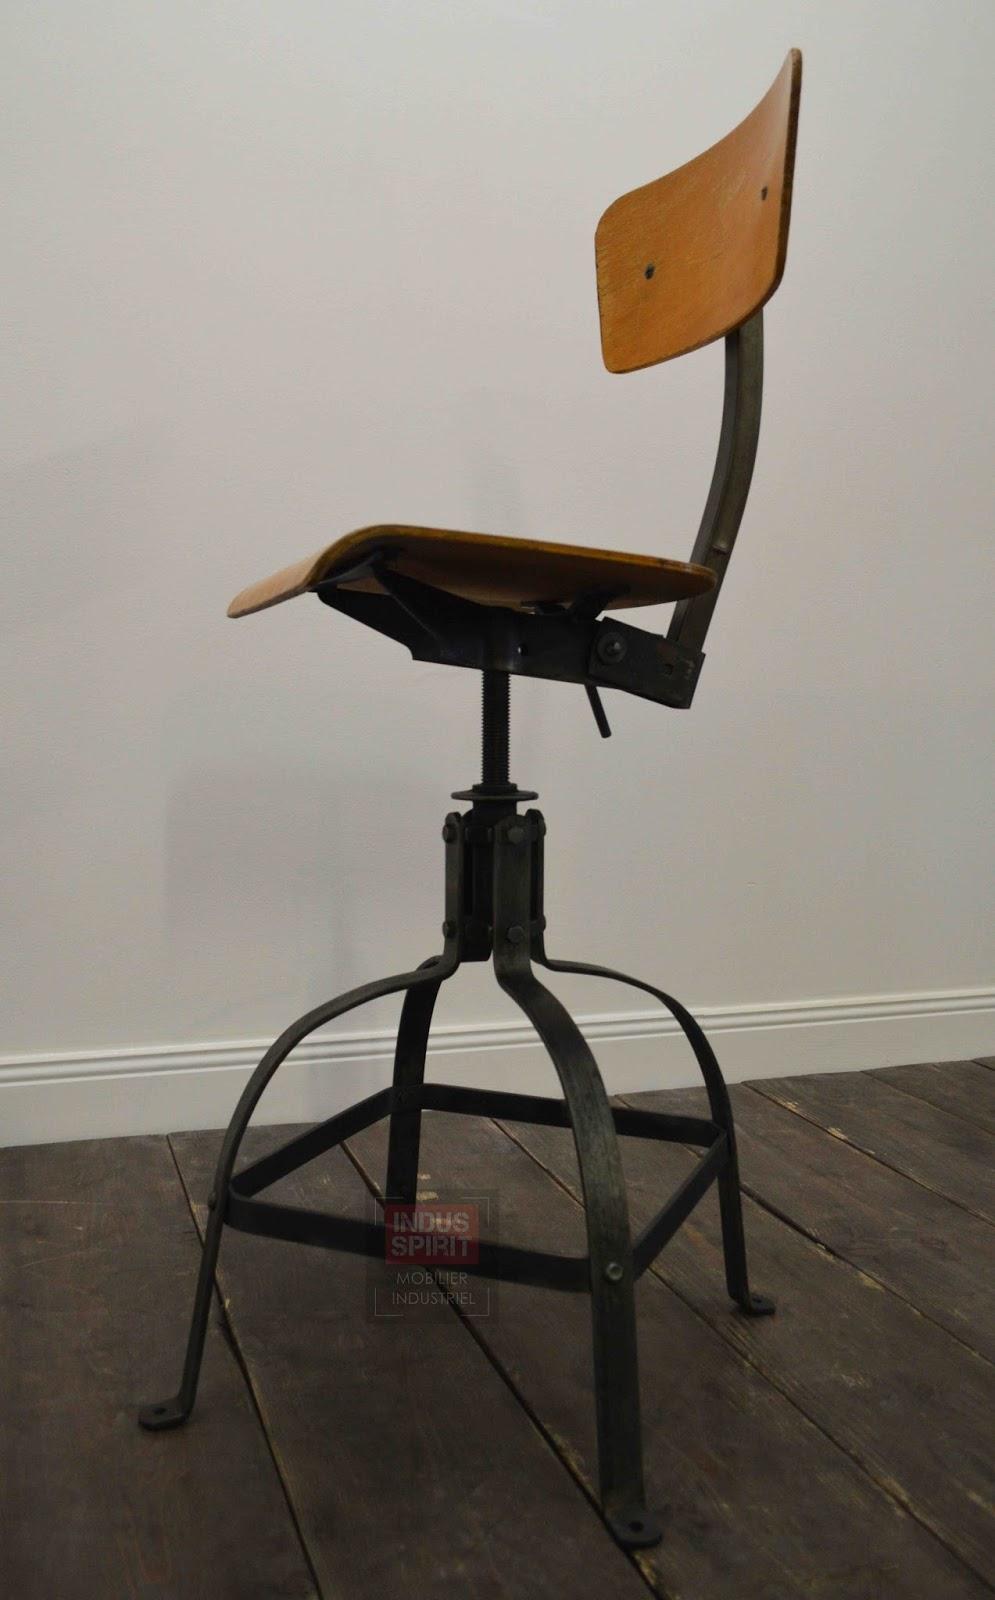 chaise industrielle bienaise. Black Bedroom Furniture Sets. Home Design Ideas